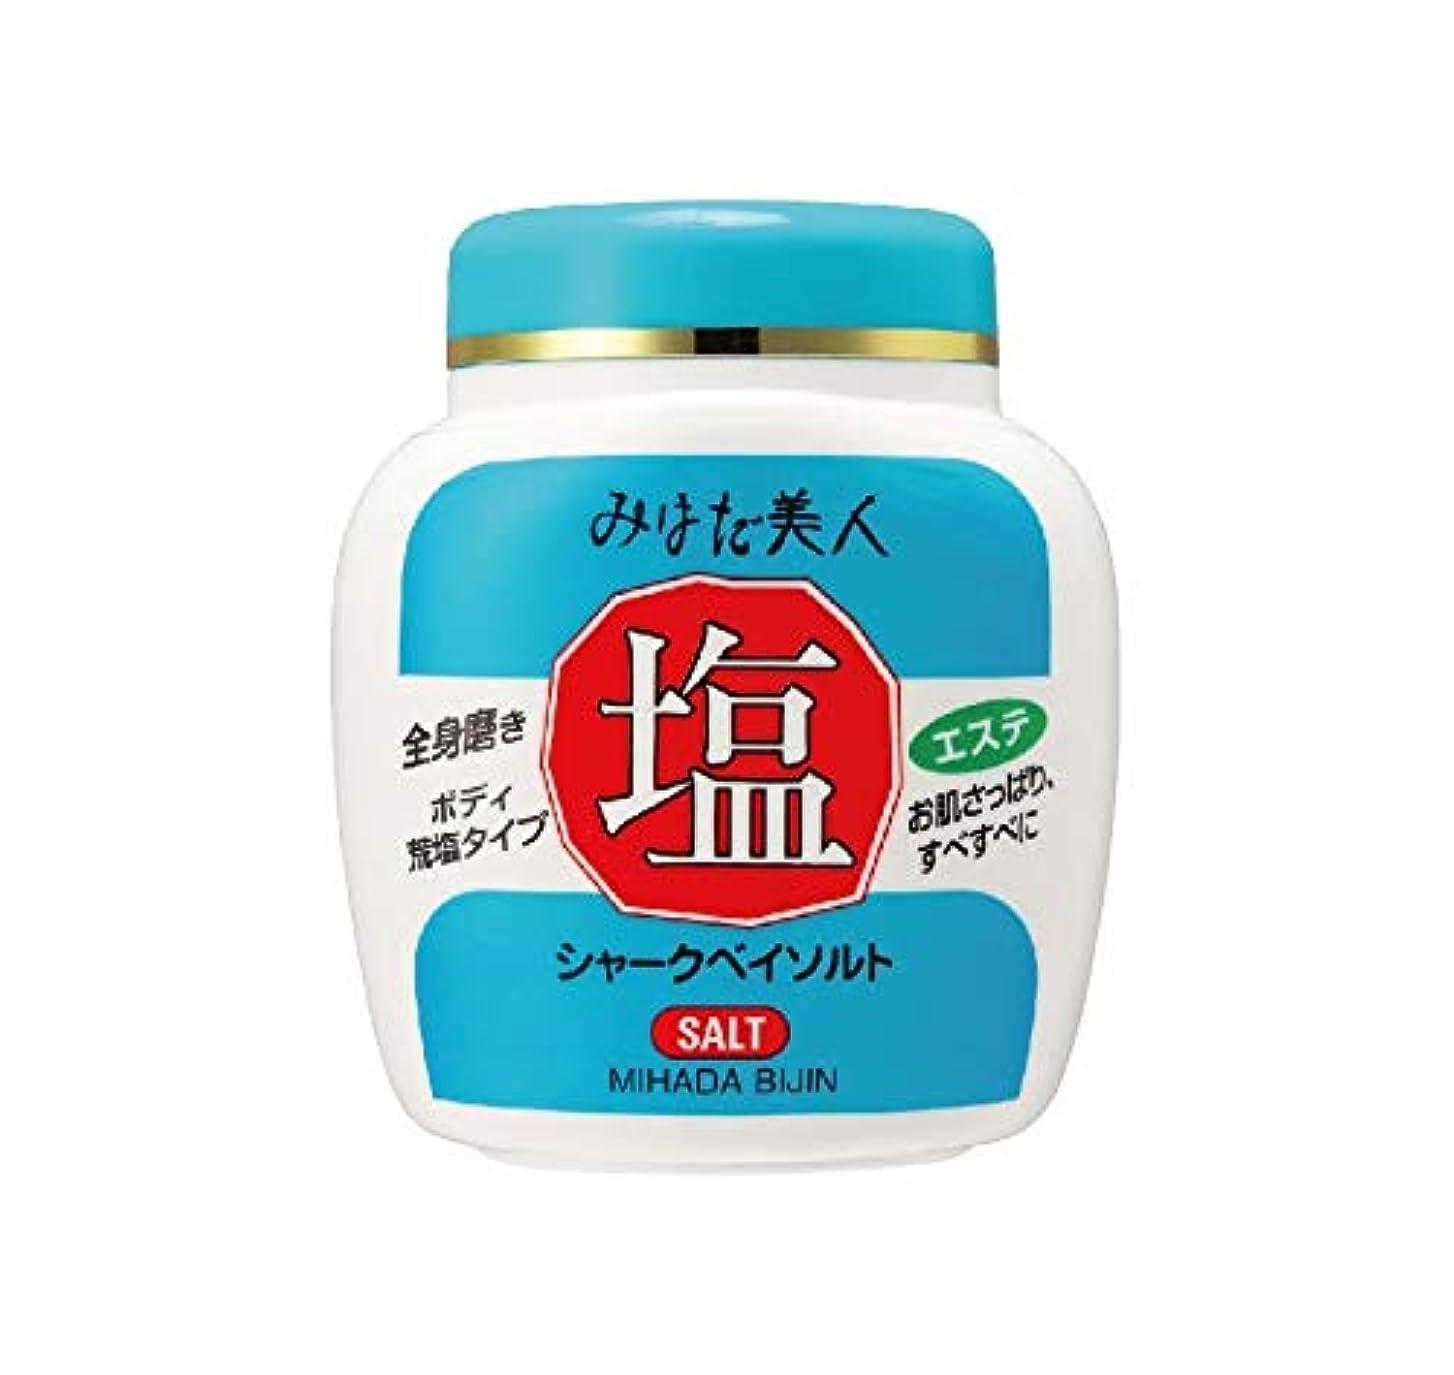 普遍的な香港故障みはだ美人塩 (ジャー) 650g